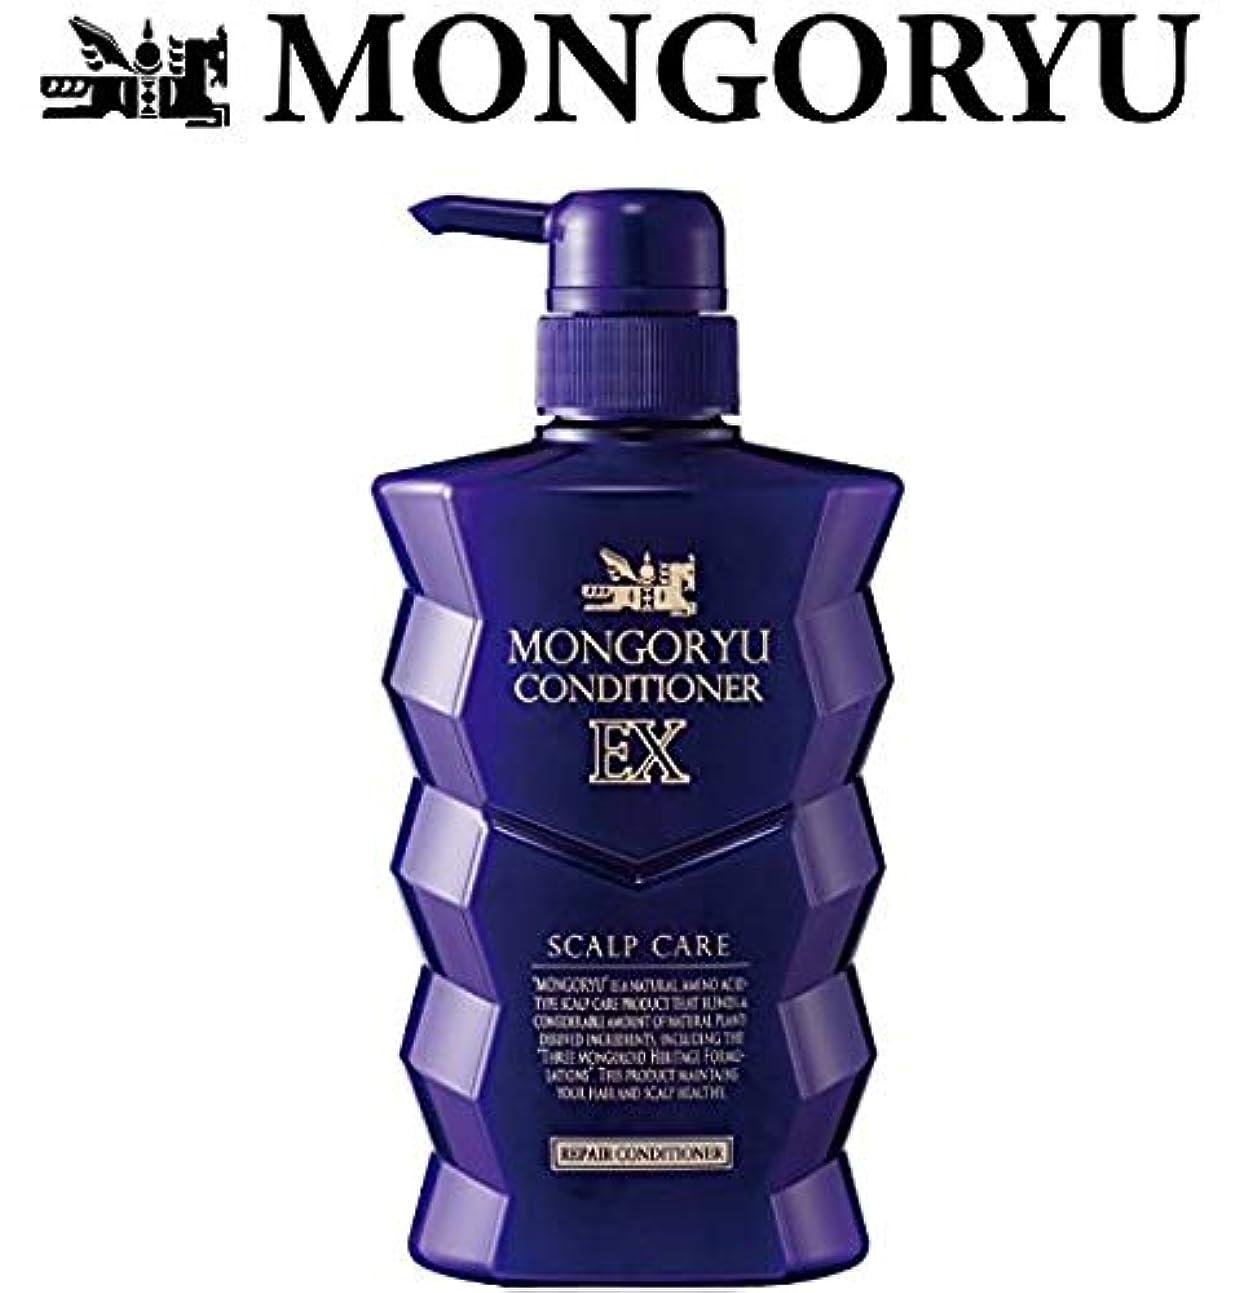 年金インストール切るモンゴ流 リペア コンディショナーEX 400ml / スカルプケア フレッシュライムの香り MONGORYU